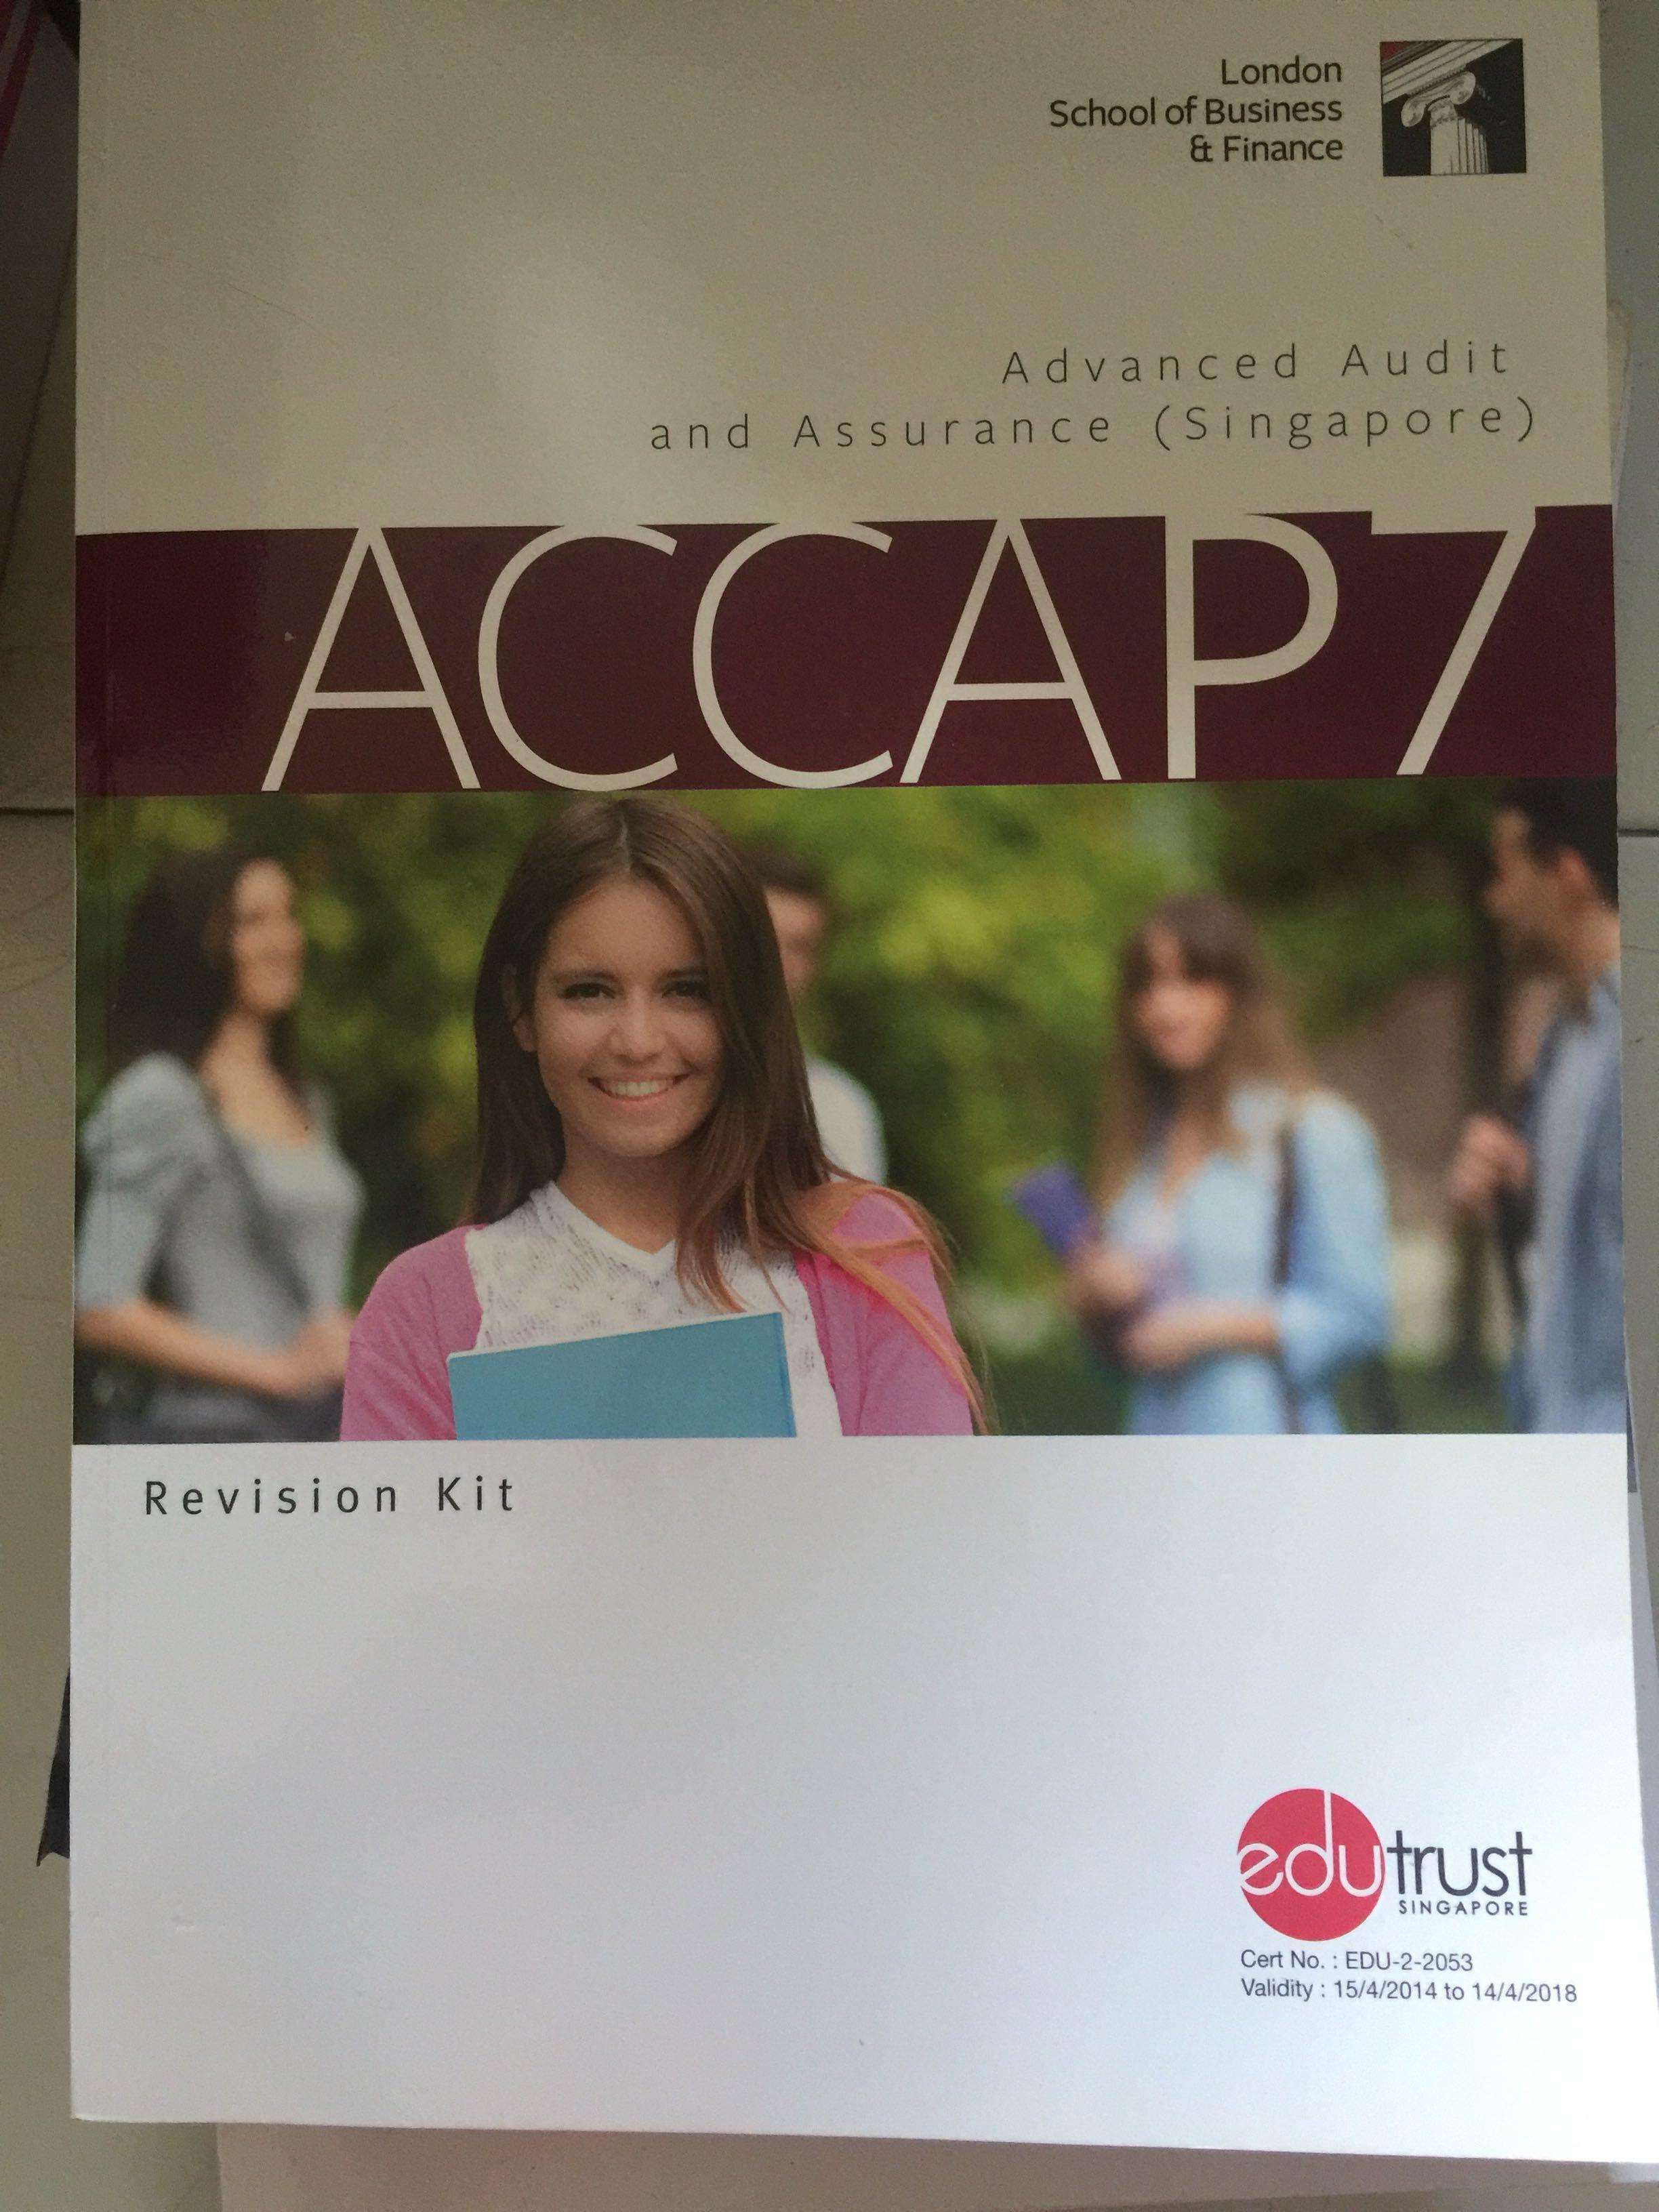 Acca P7 advances audit revision kit